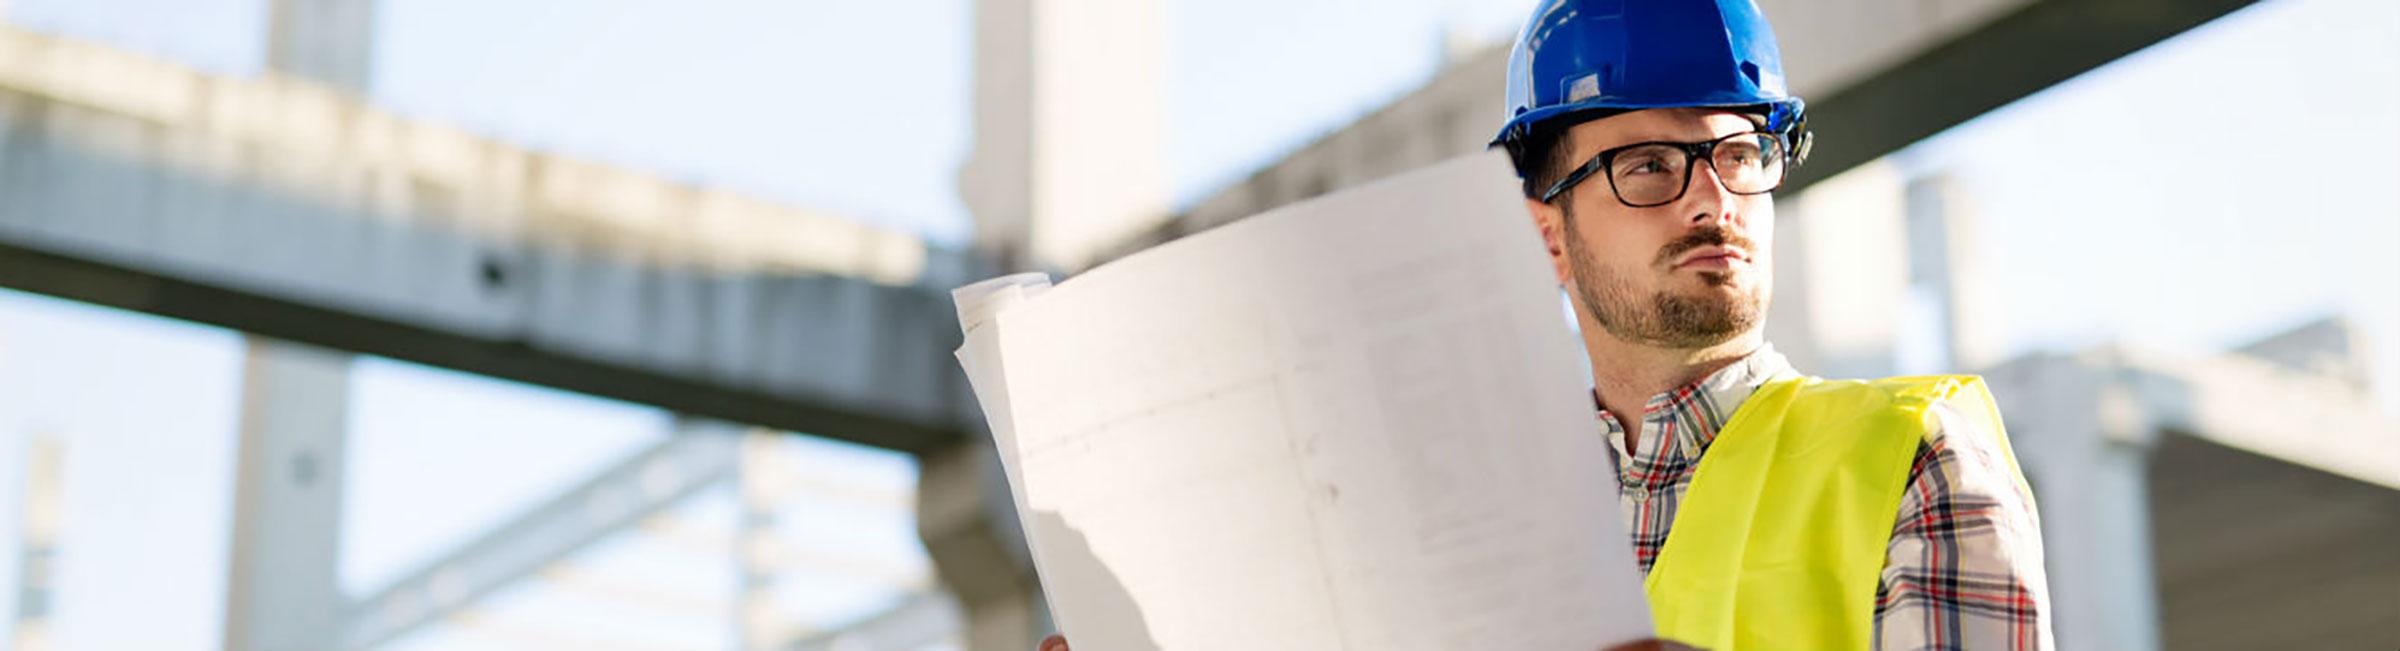 Homme lit un plan et travaille dans le secteur du bâtiment